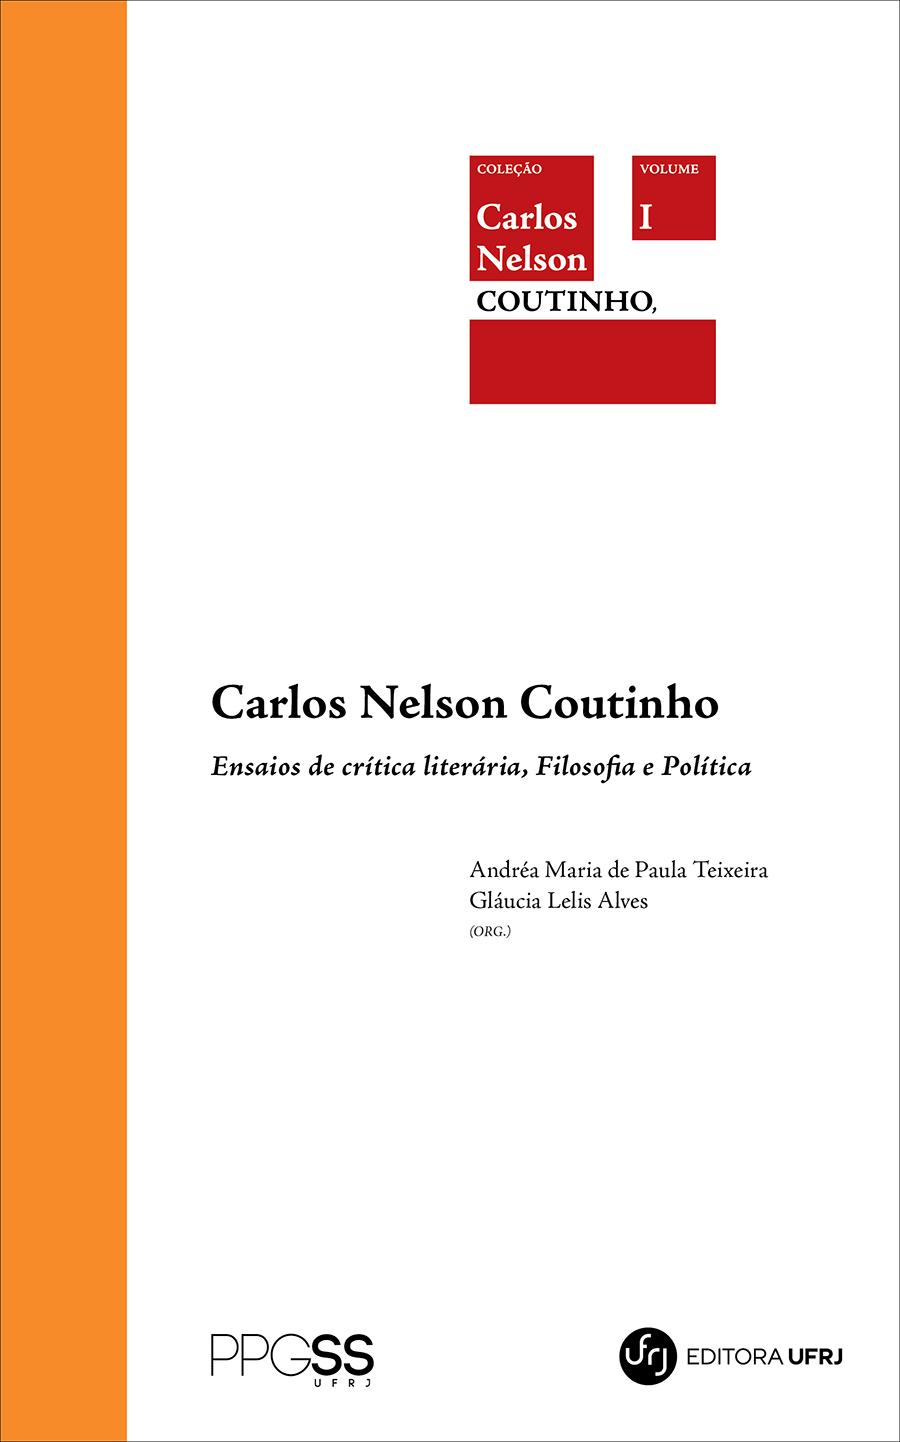 Coleção Carlos Nelson Coutinho vol. 1